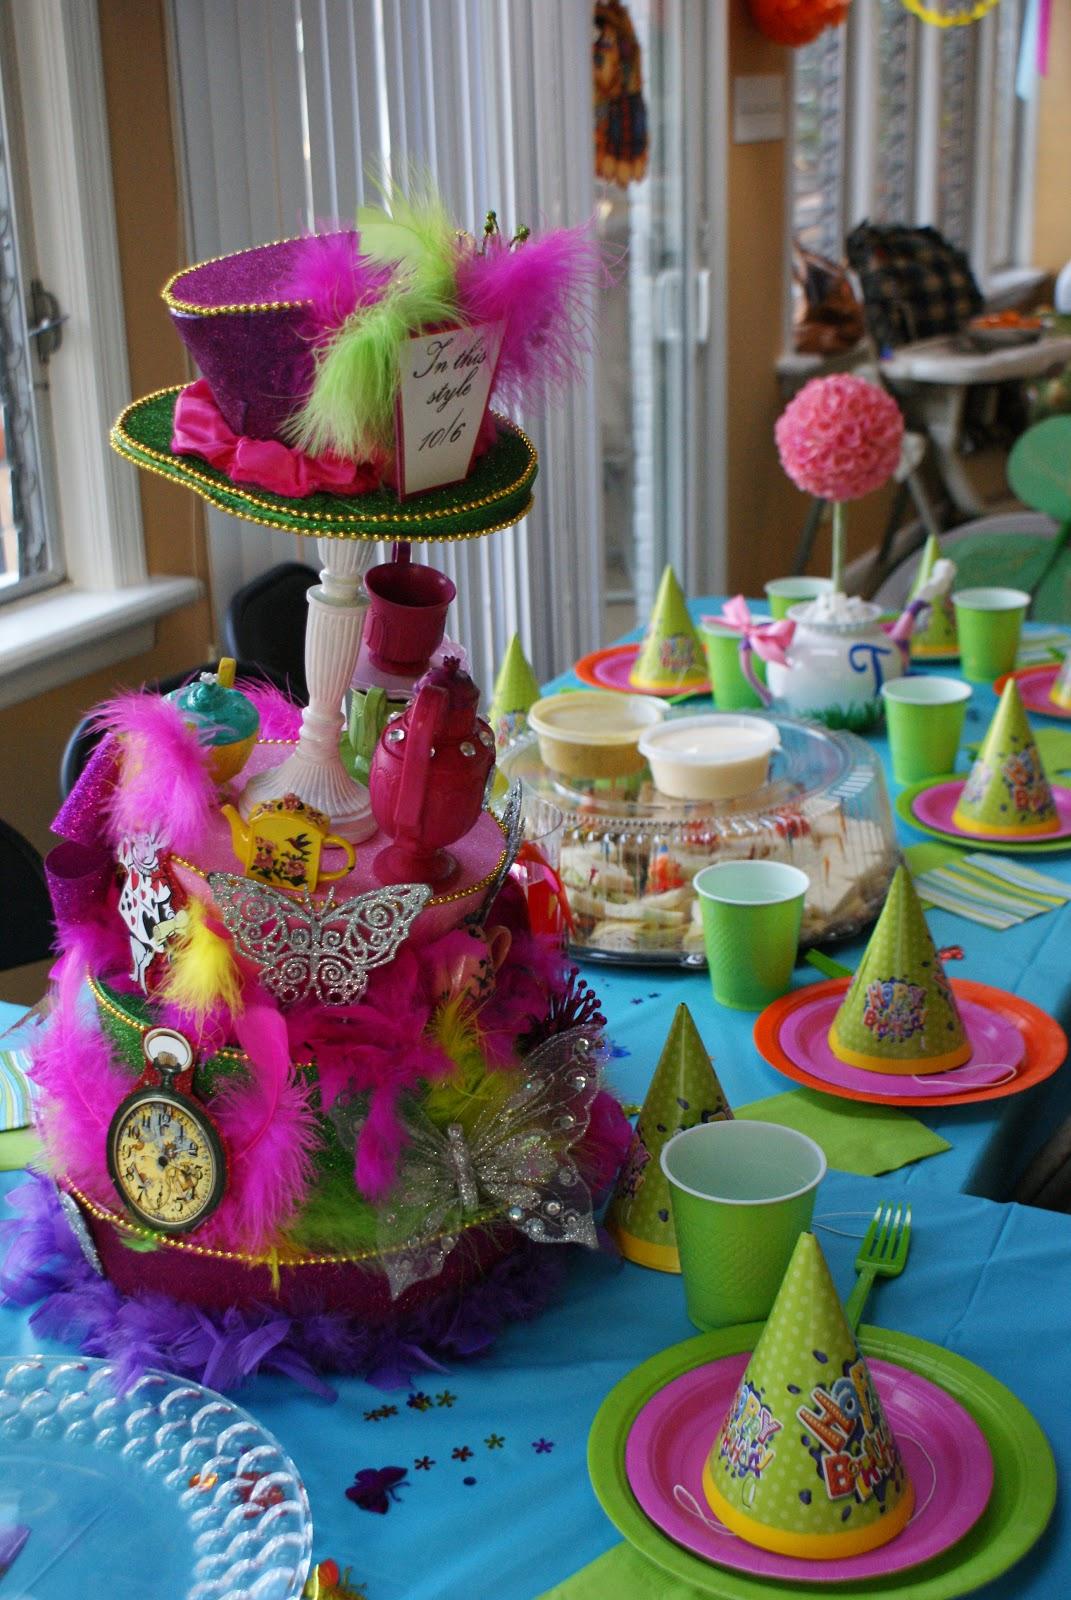 Paper Chick: Alice in Wonderland Birthday Party Centerpiece